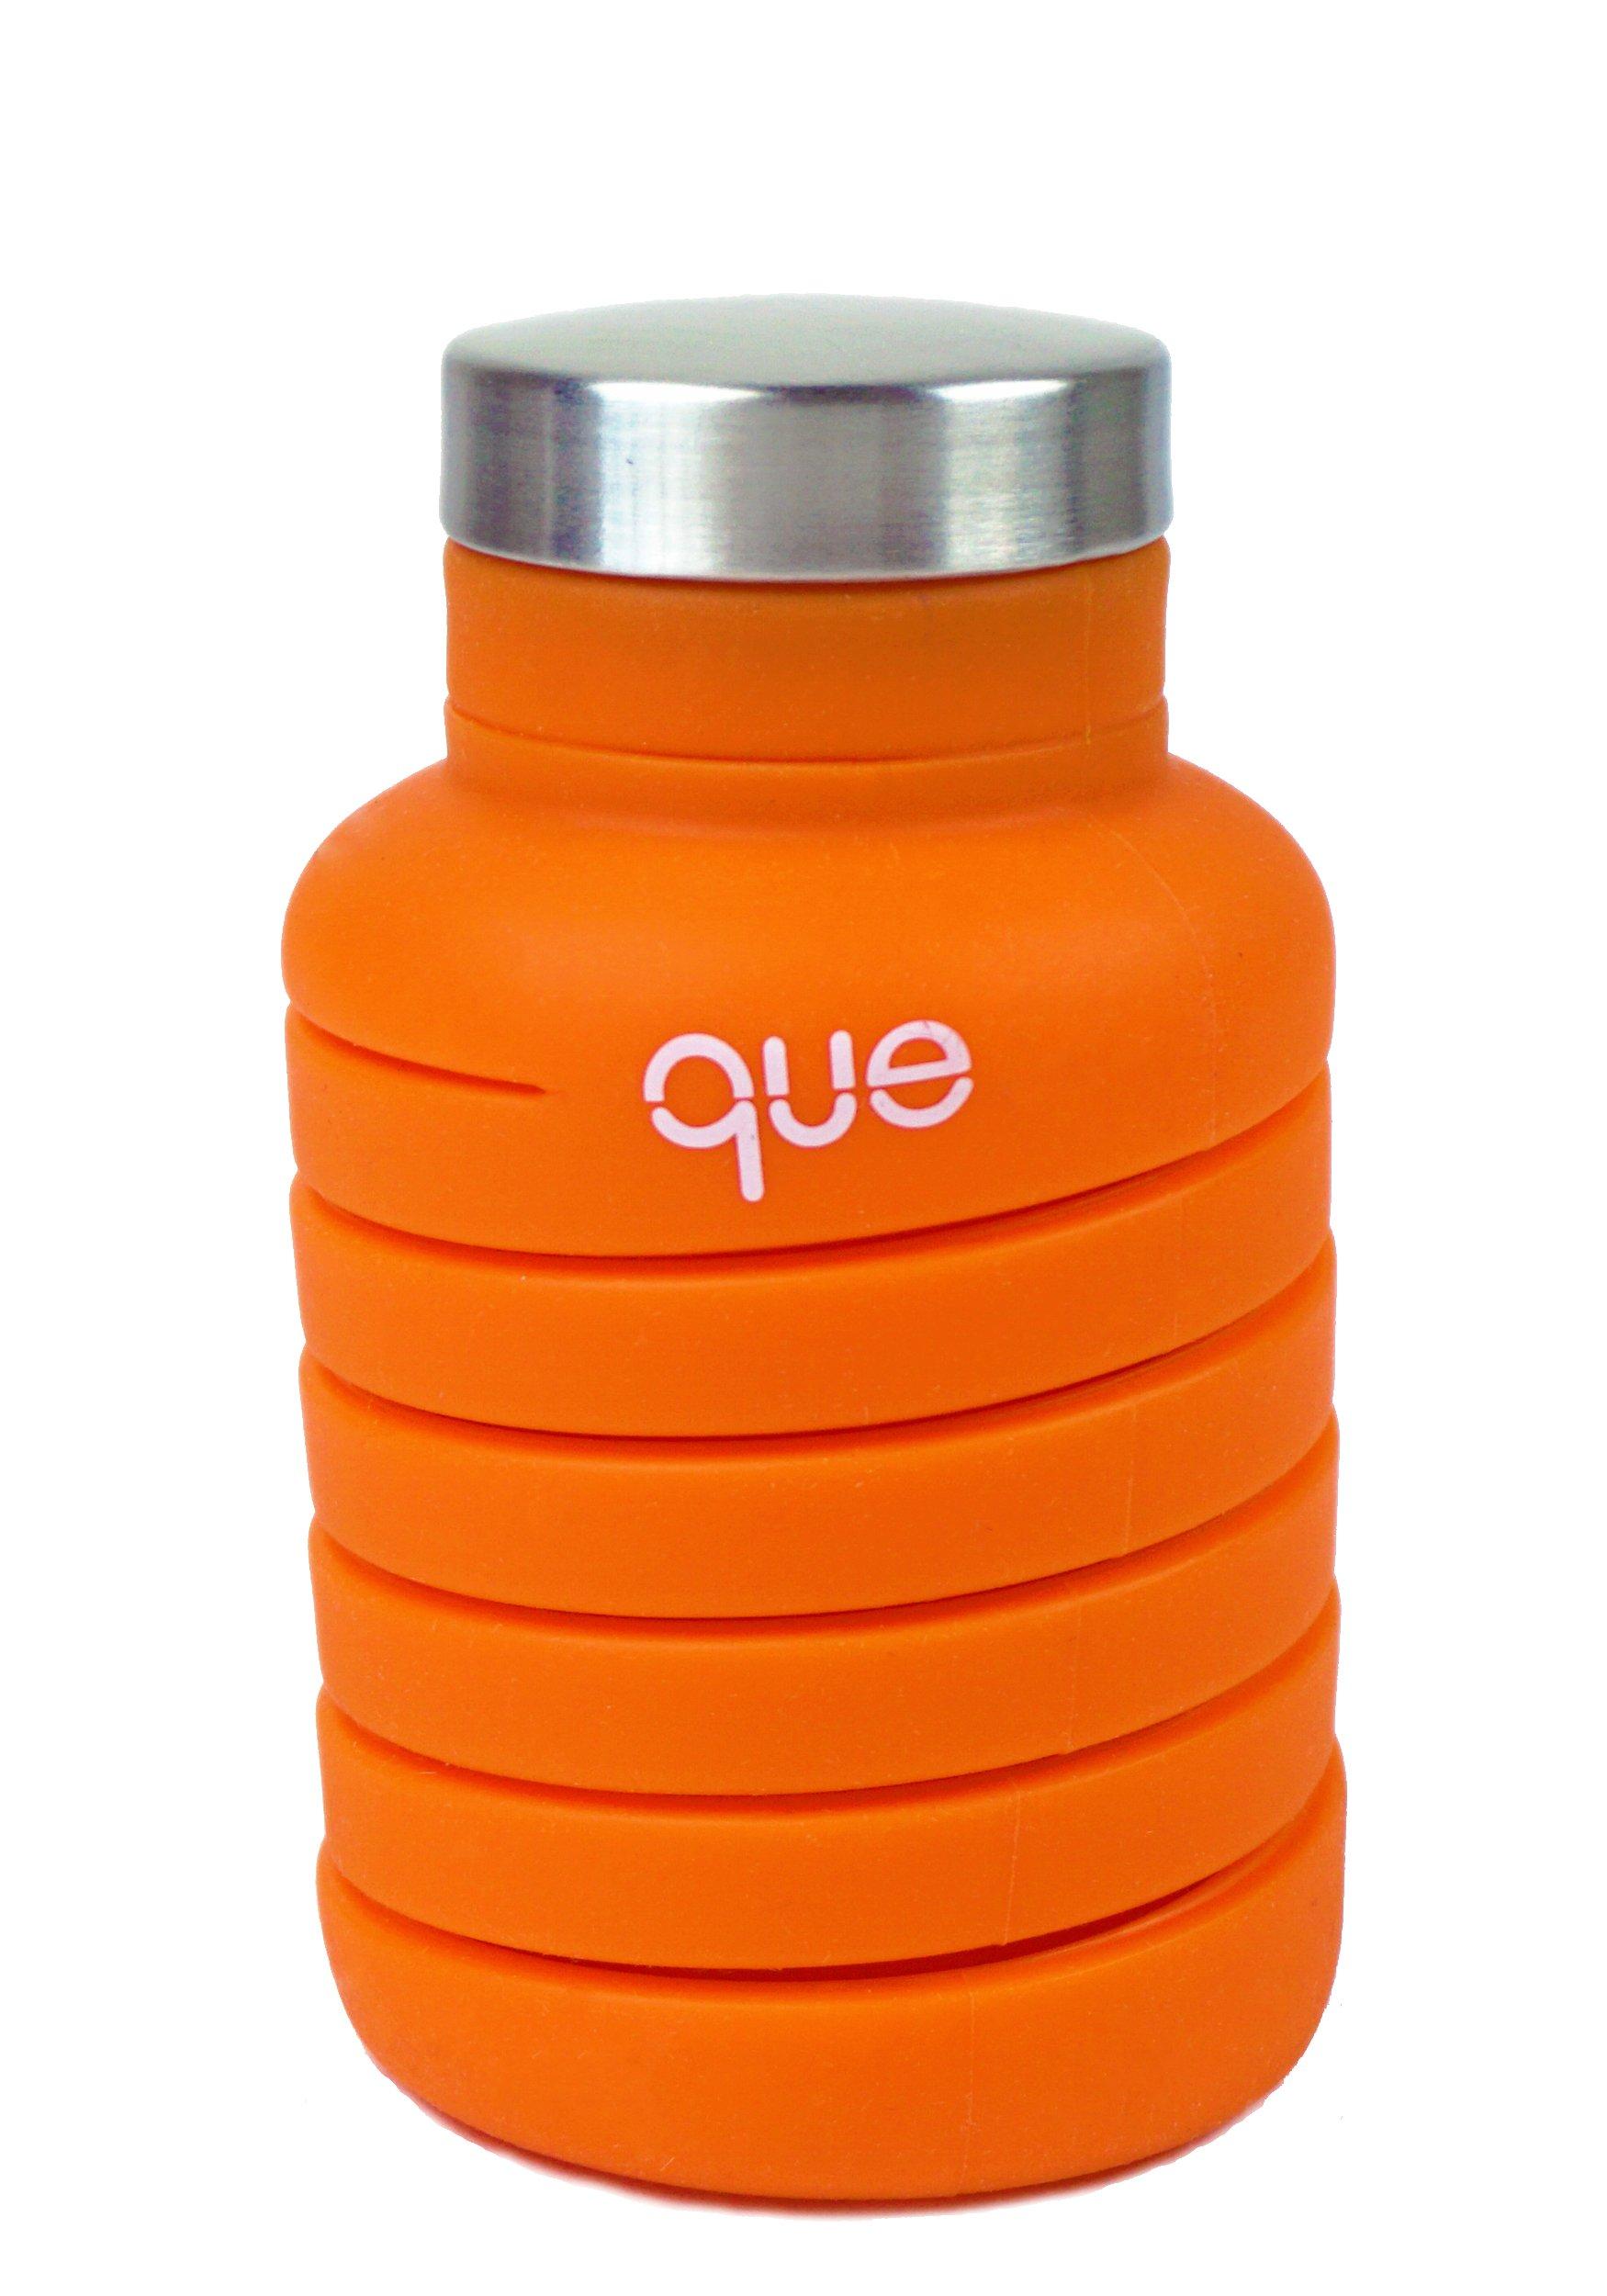 Buy Que Now!